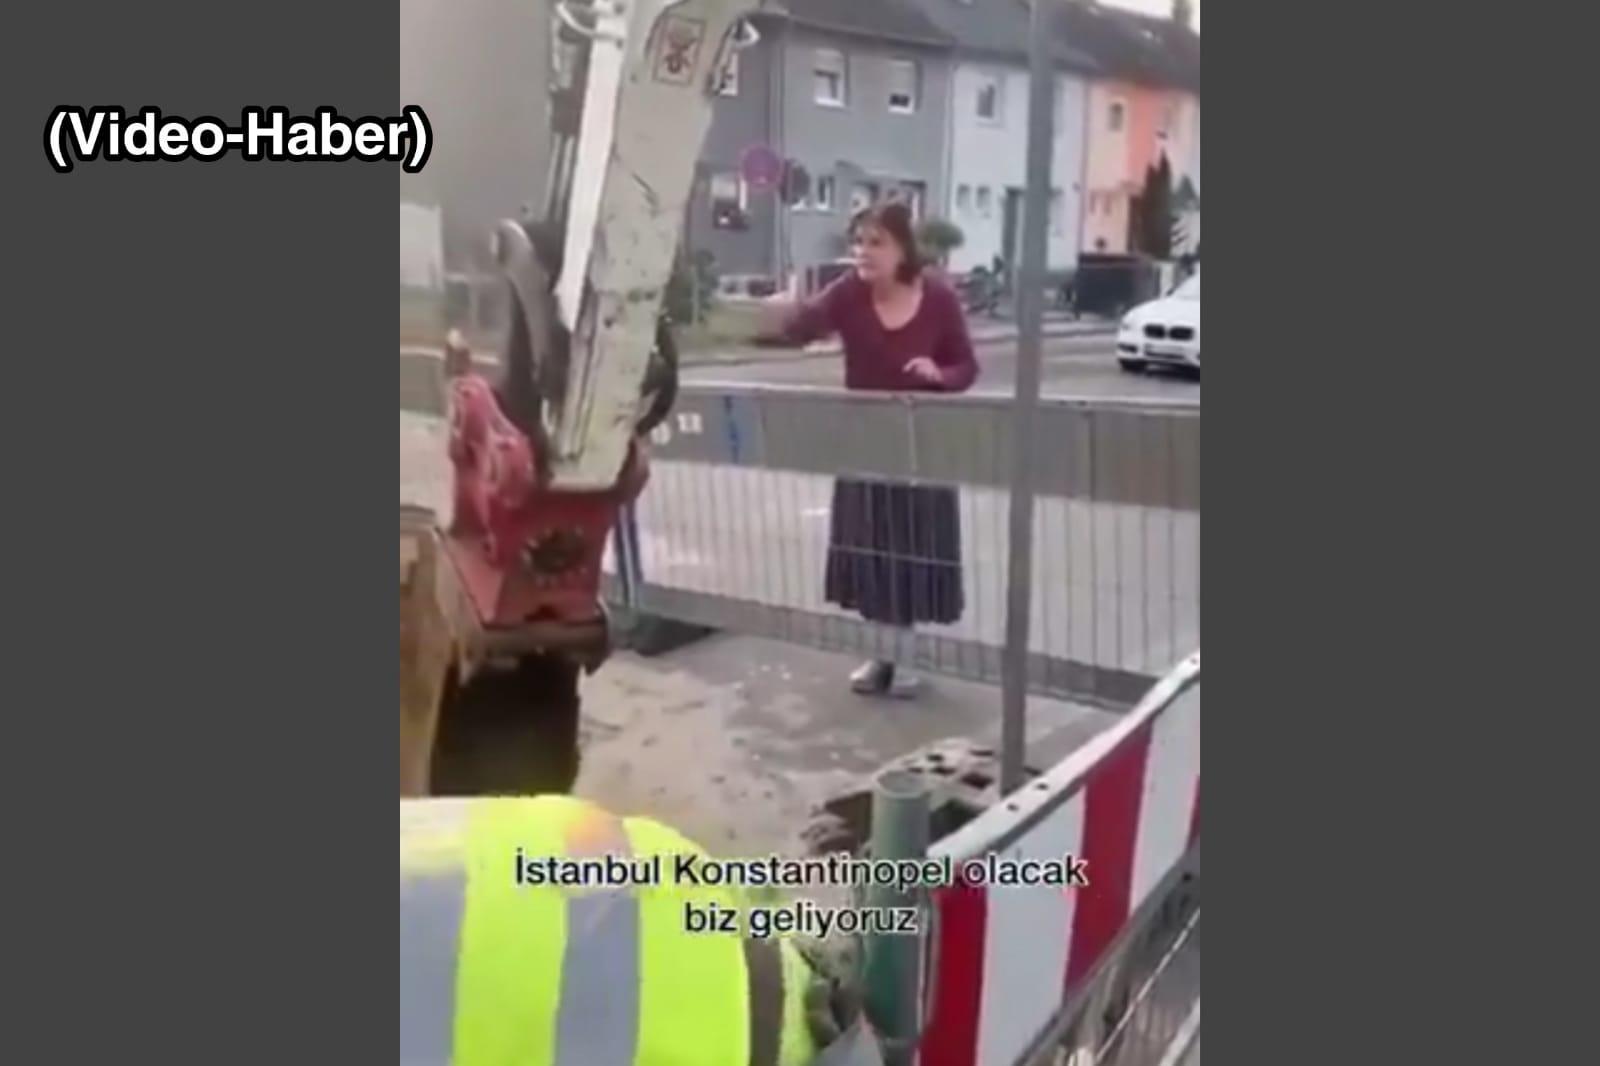 """Alman kadından Türk komşularına """"Hepiniz ölüsünüz"""" tehdidi"""